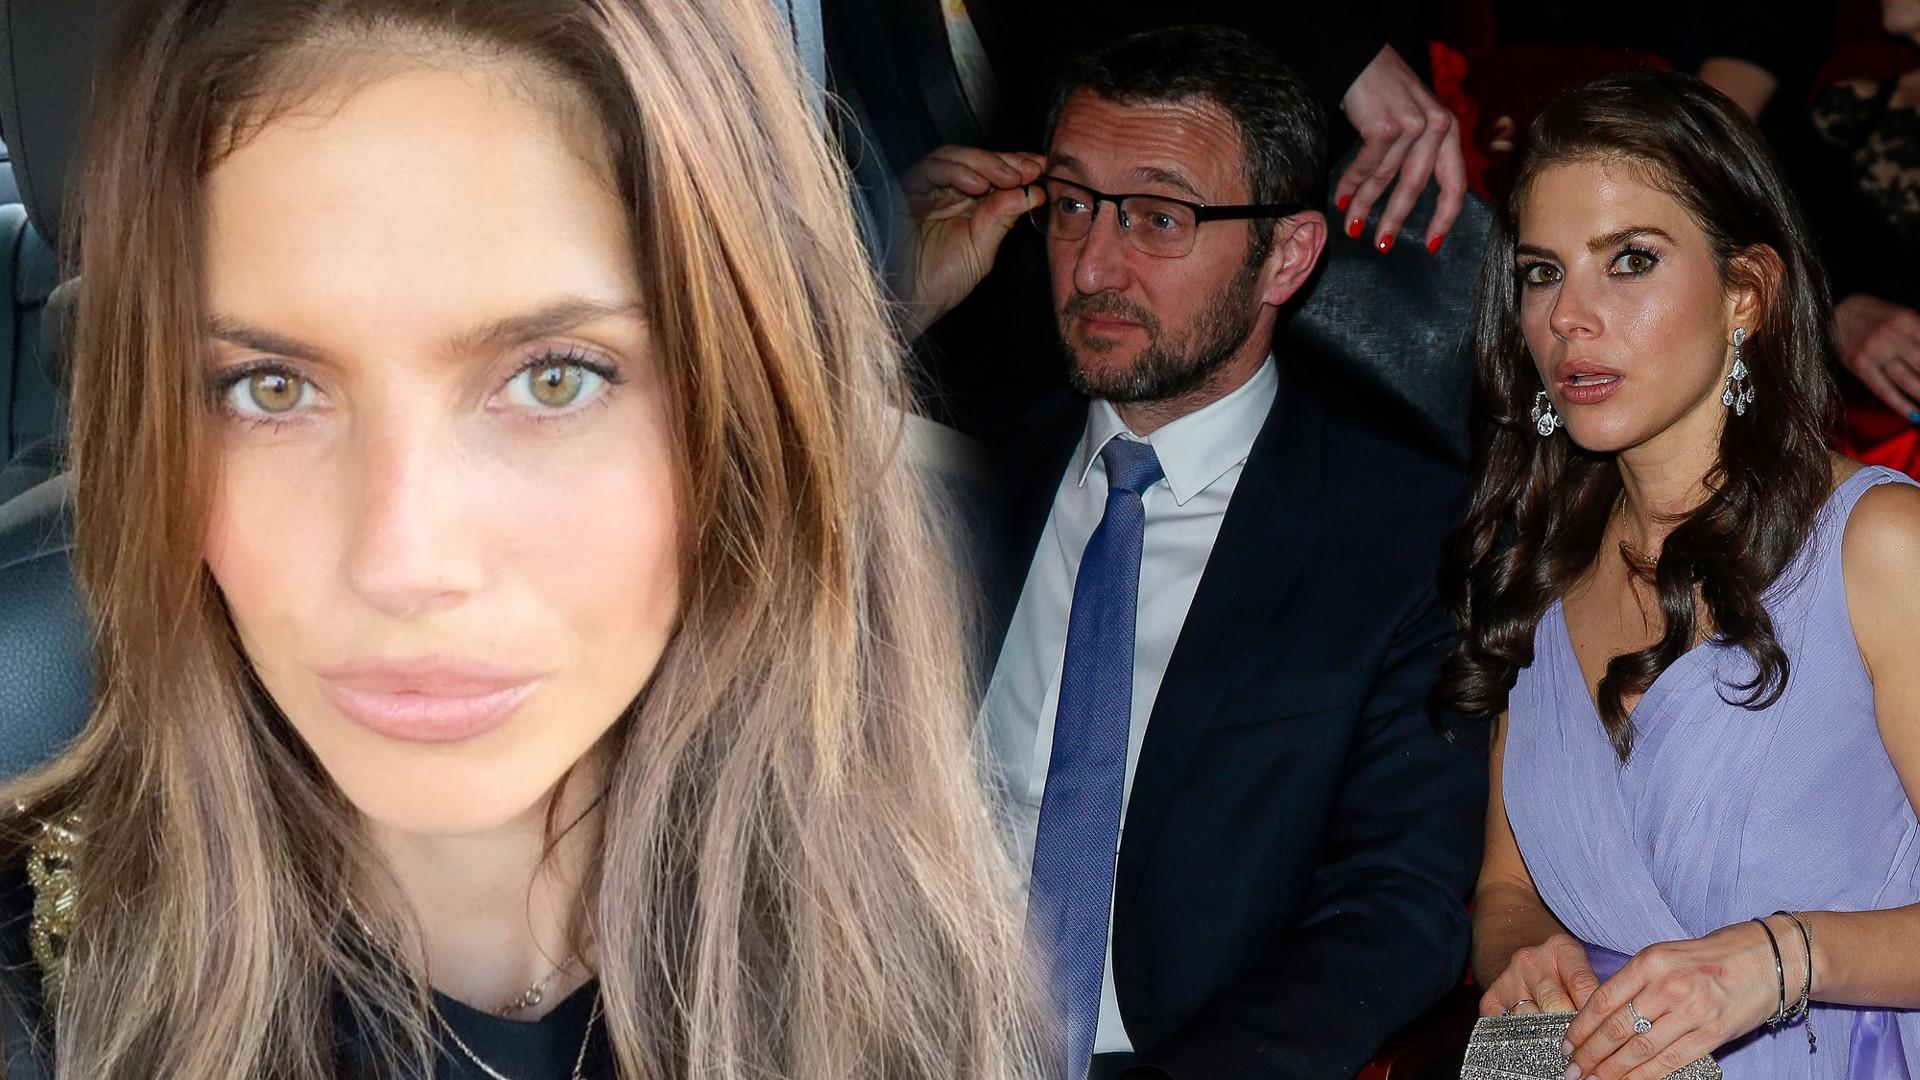 Weronika Rosati na Instagramie komentuje atak byłej partnerki Roberta Śmigielskiego naXI Kongresie Kobiet!